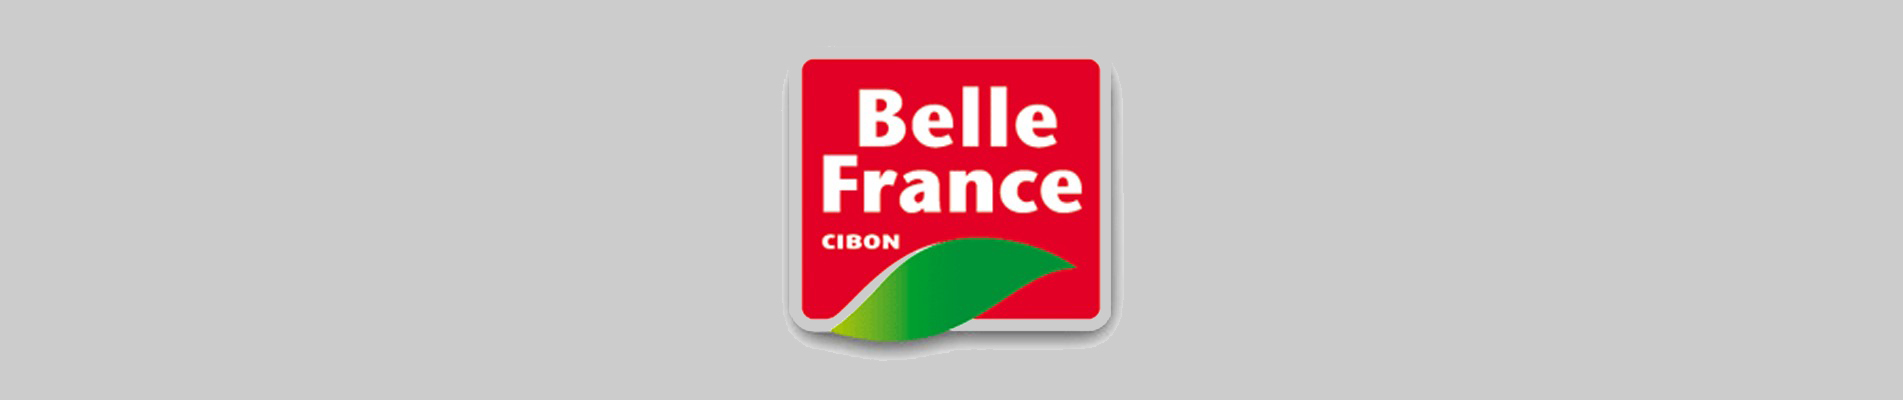 CABF (centrale d'achat Belgique France)